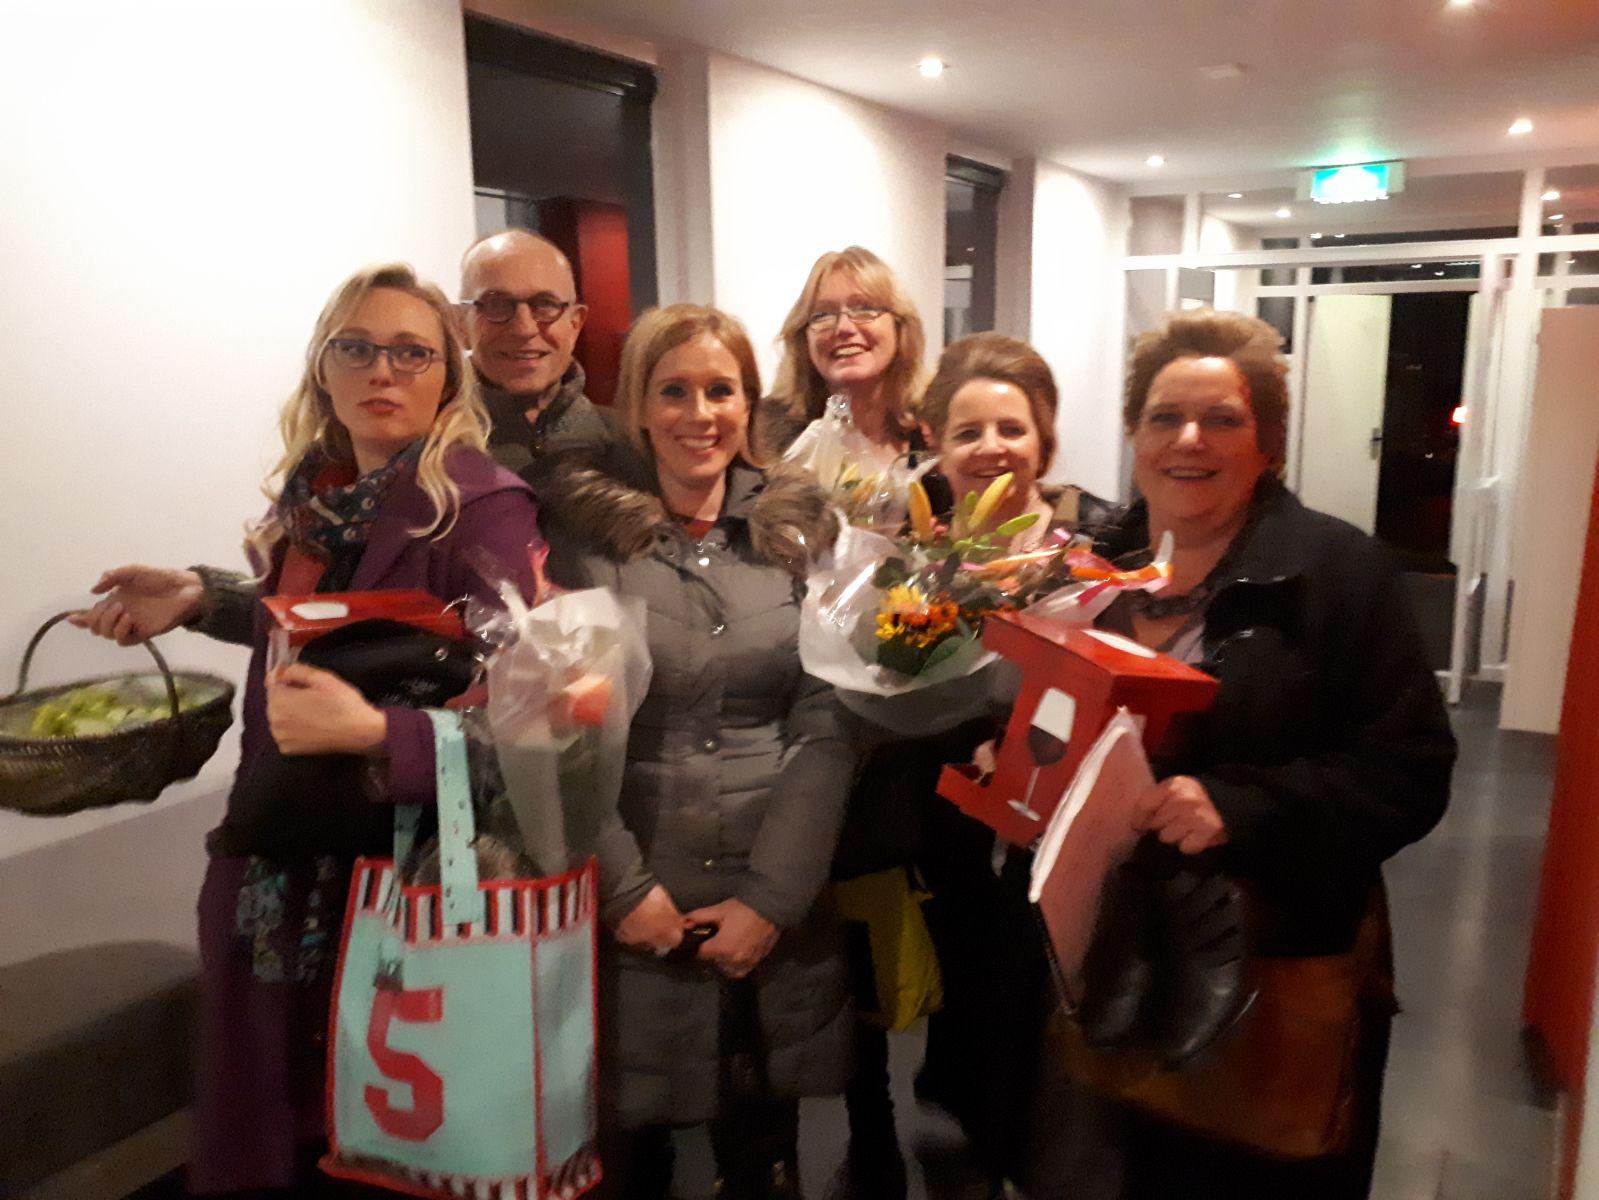 Maartje Otten, Willem Westerman, Saskia van Egmond, Esther Smit (onze muziekante), Laura ten Hag en Henny Veeneman